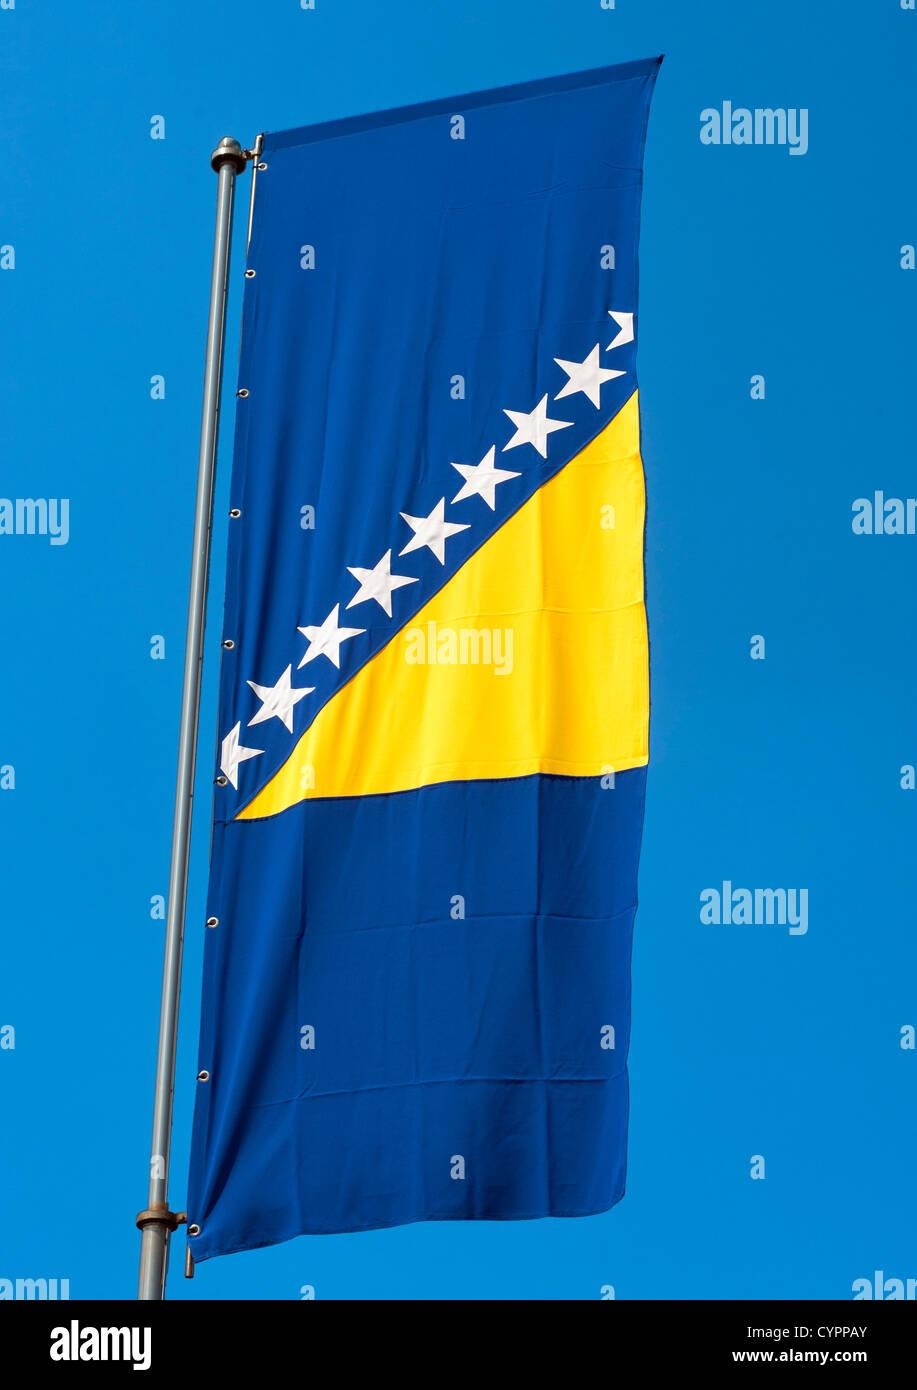 The flag of Bosnia and Herzegovina. - Stock Image